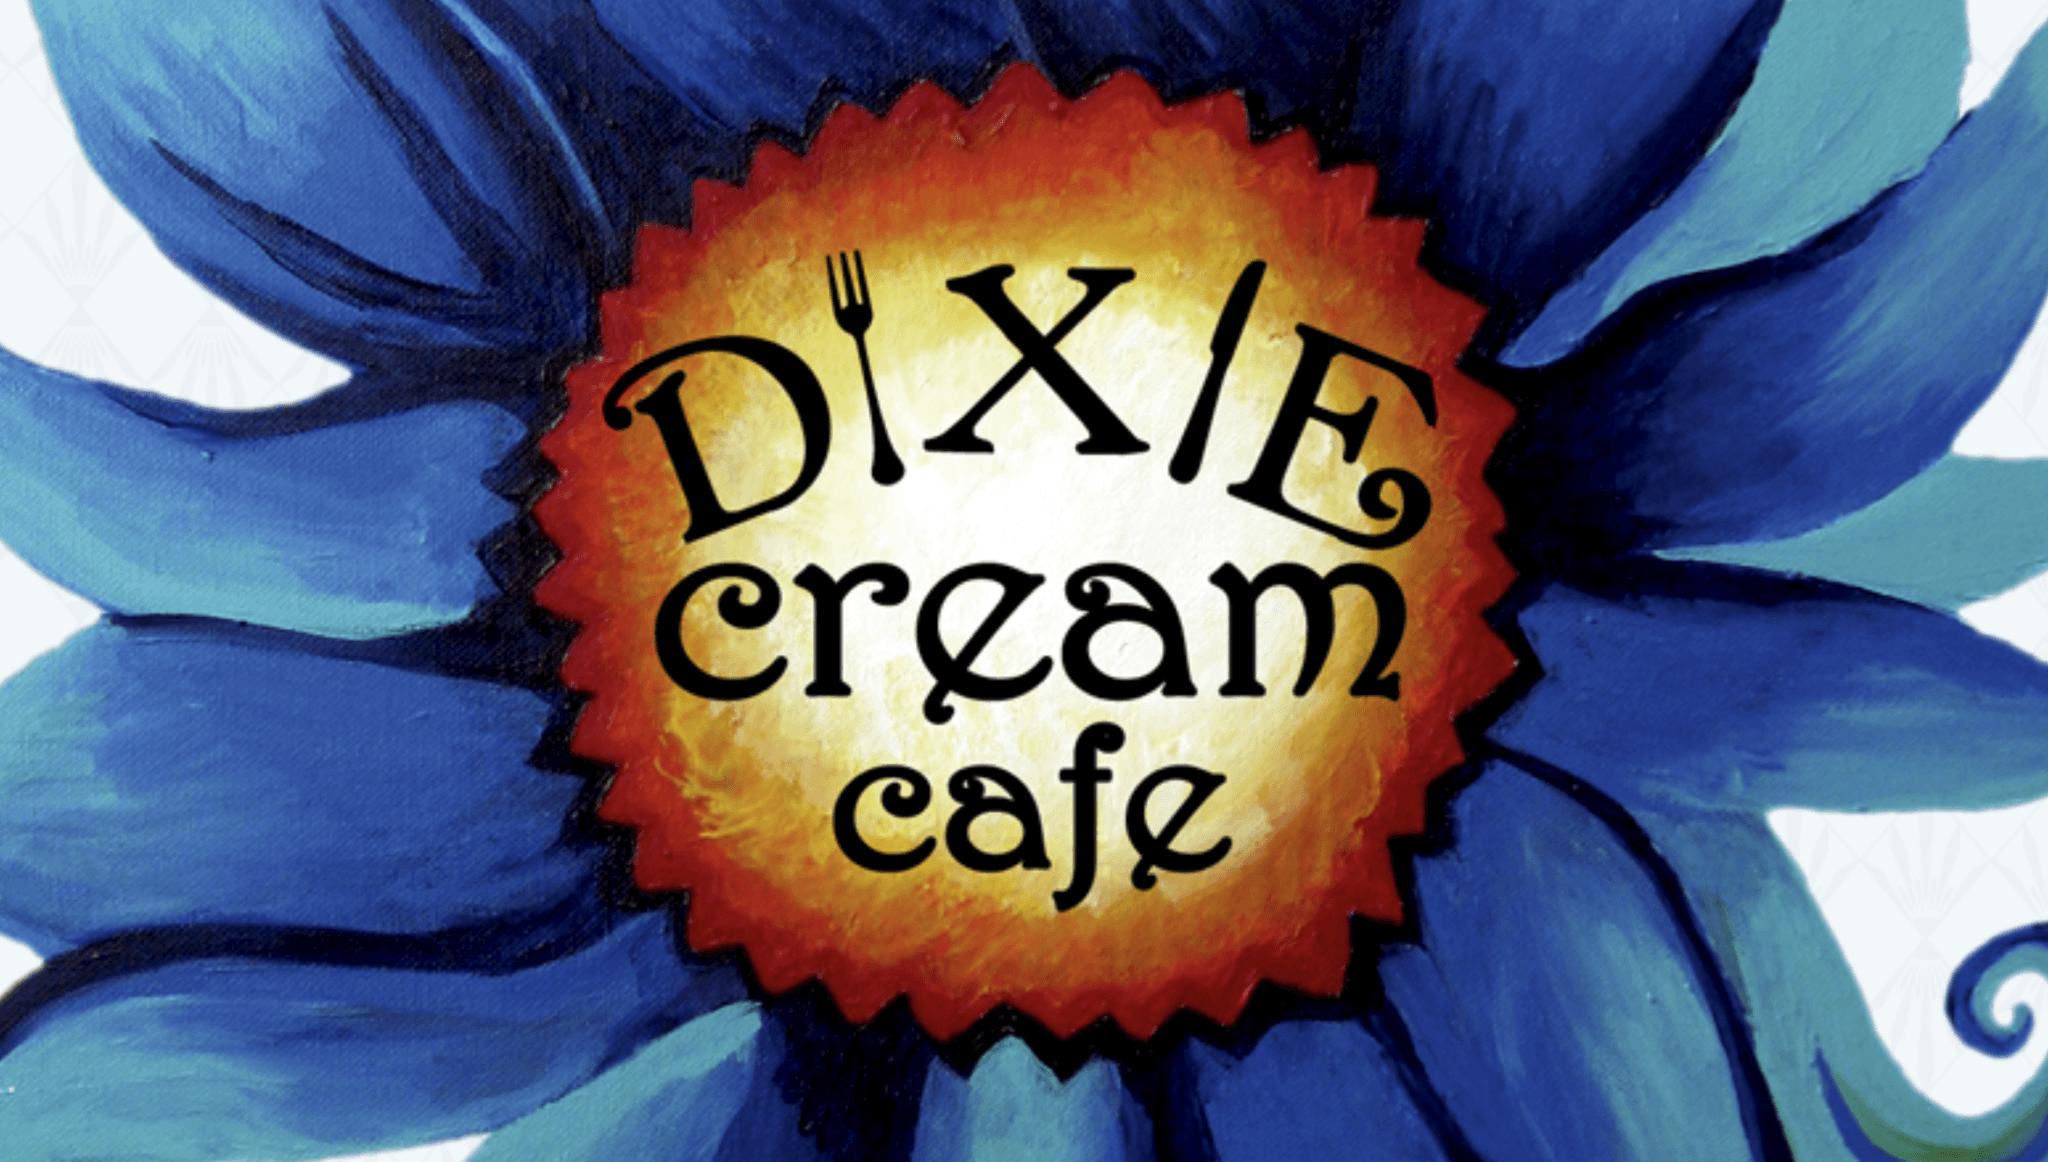 Dixie Cream Café in orlando